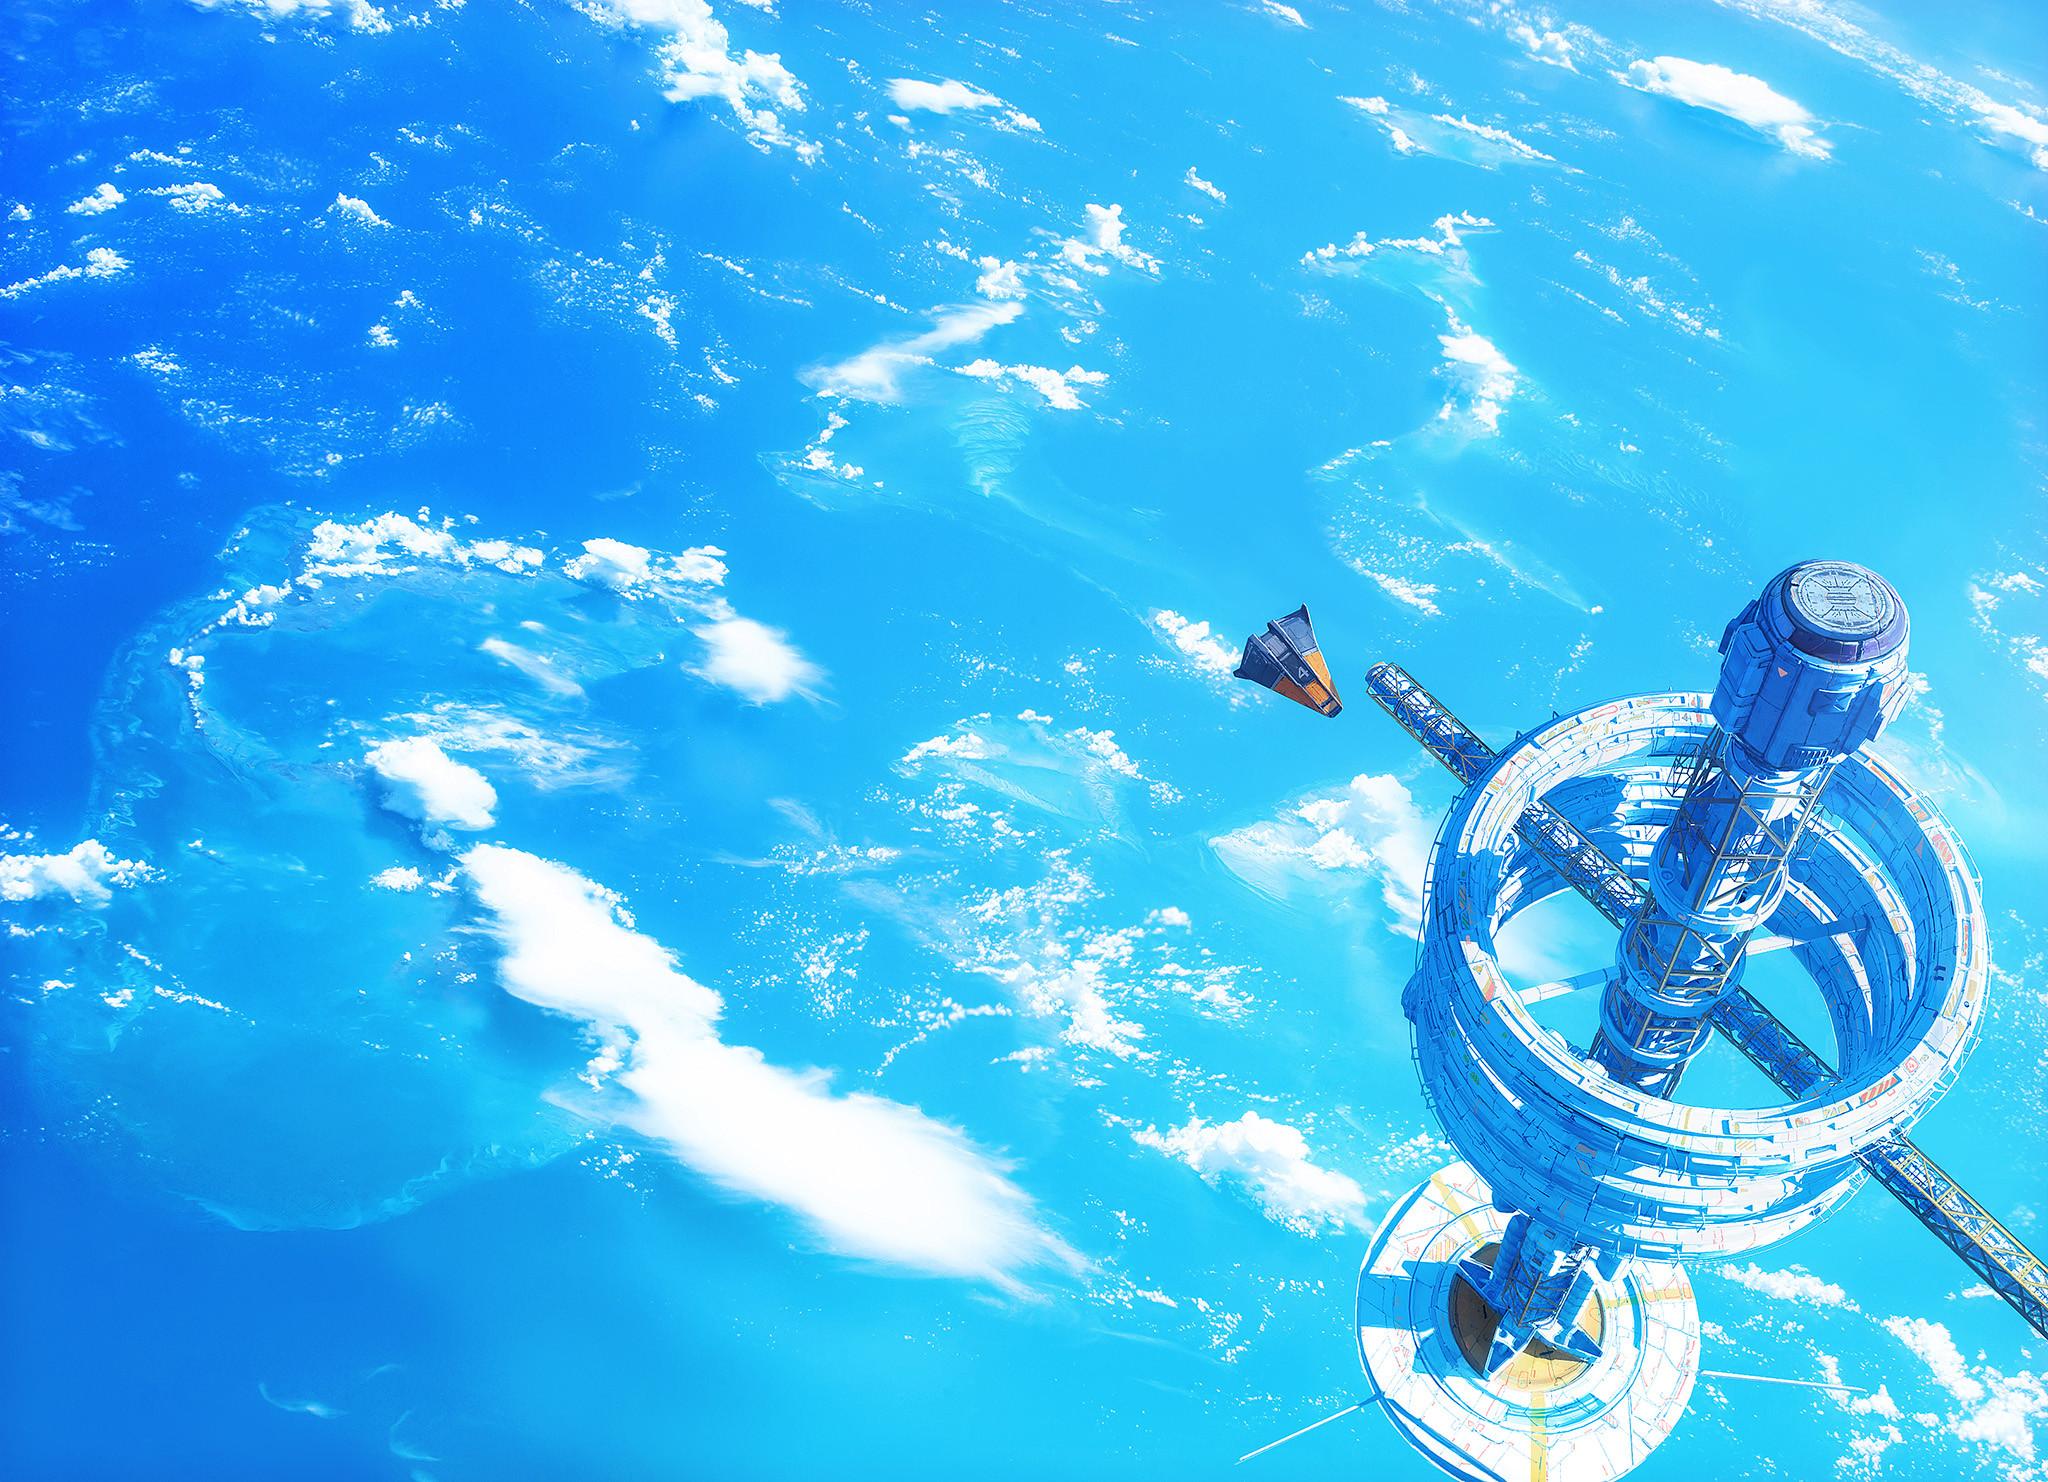 海洋 大海 空间站 科幻 飞机 高清动漫桌面壁纸插图